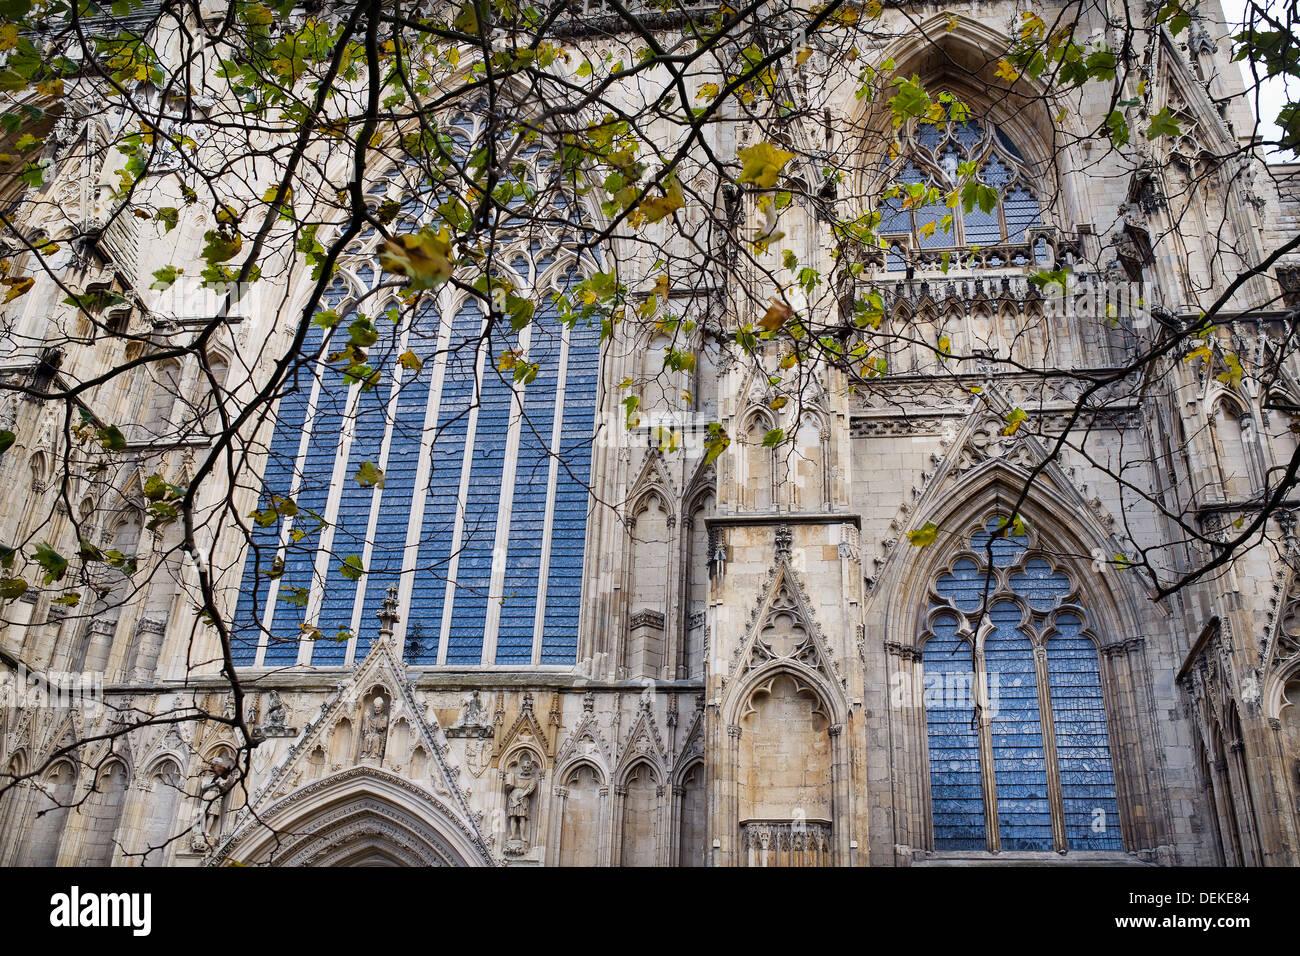 Catedral de York, Norte de Inglaterra, Reino Unido, Europa, de estilo gótico, la Catedral de York, en el norte de Foto de stock